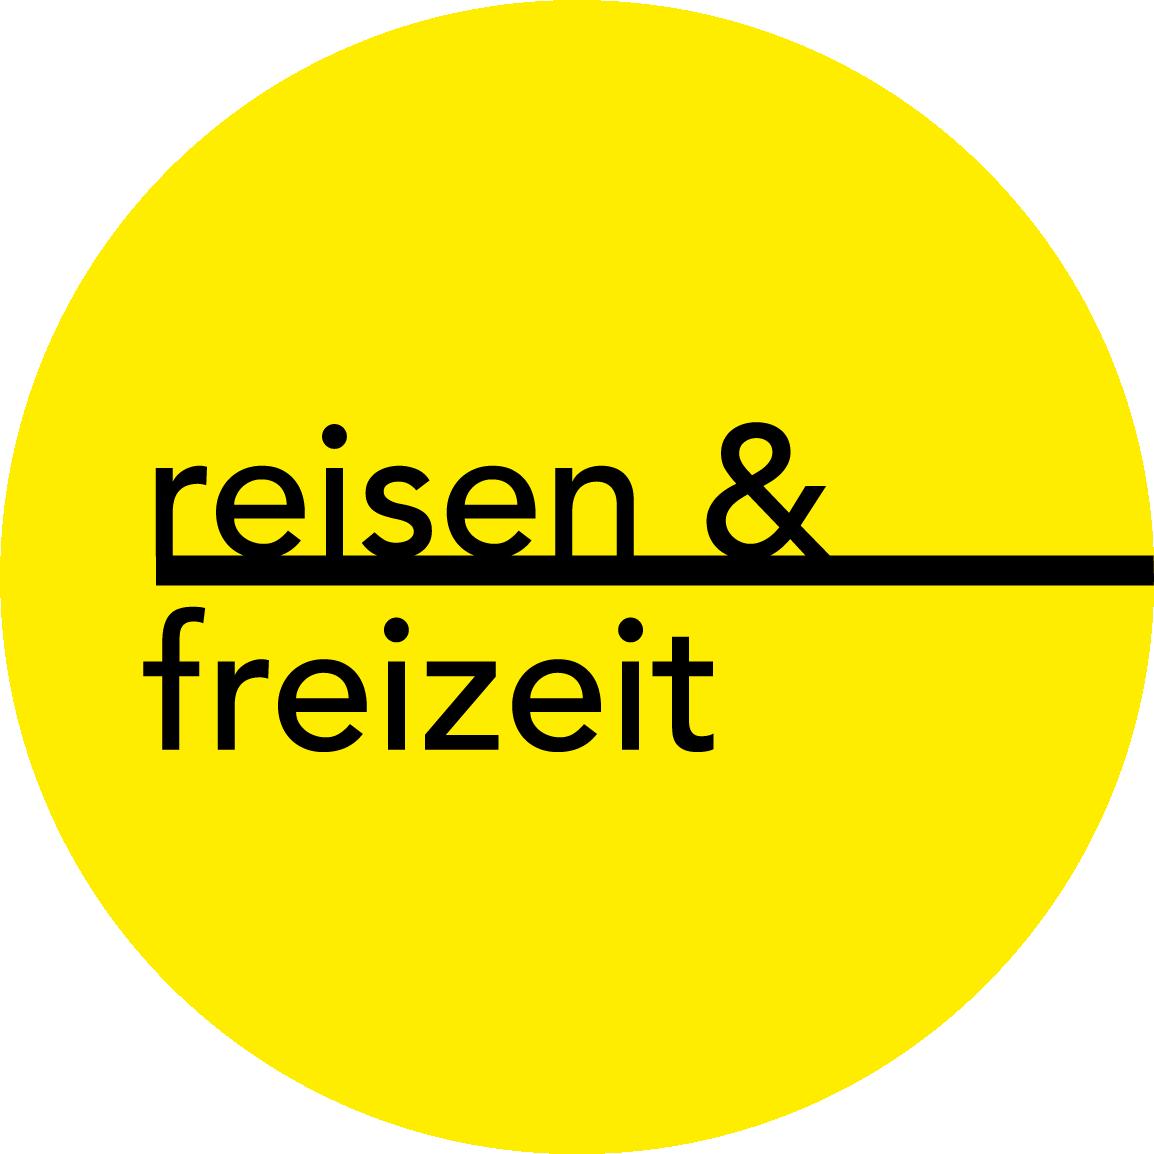 Wohnmobile Saarland auf der Reisen & Freizeit 2020